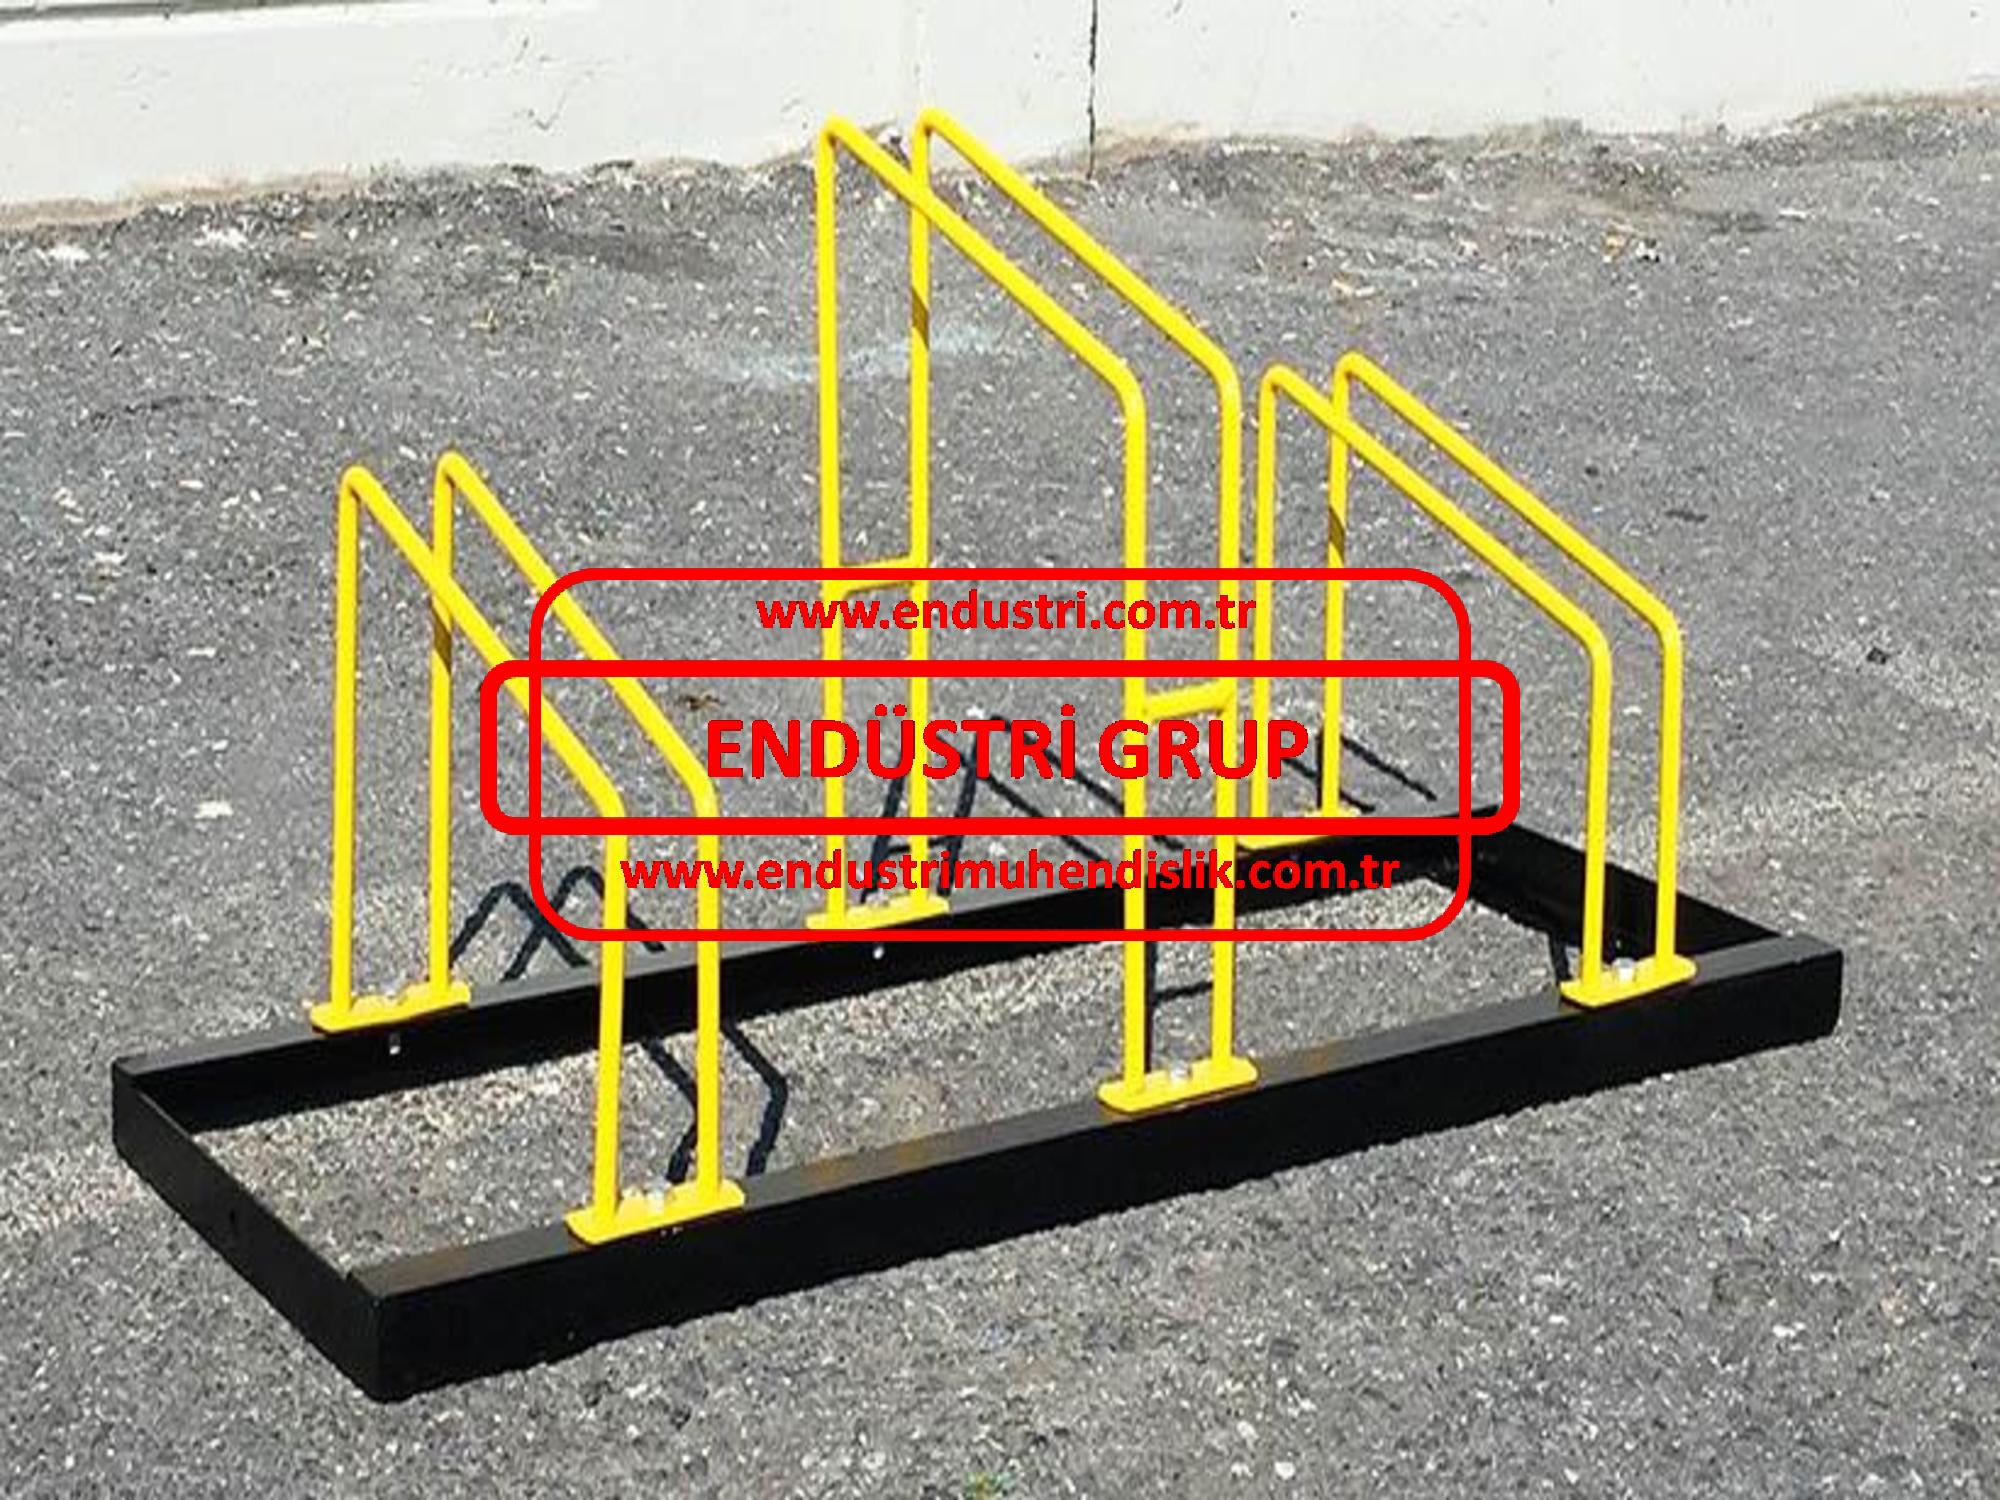 bisiklet-parki-imalati-ureticileri-park-etme-ayagi-demiri-olculeri-fiyati-fiyatlari-galvaniz-kapli-paslanmaz-celik (2)